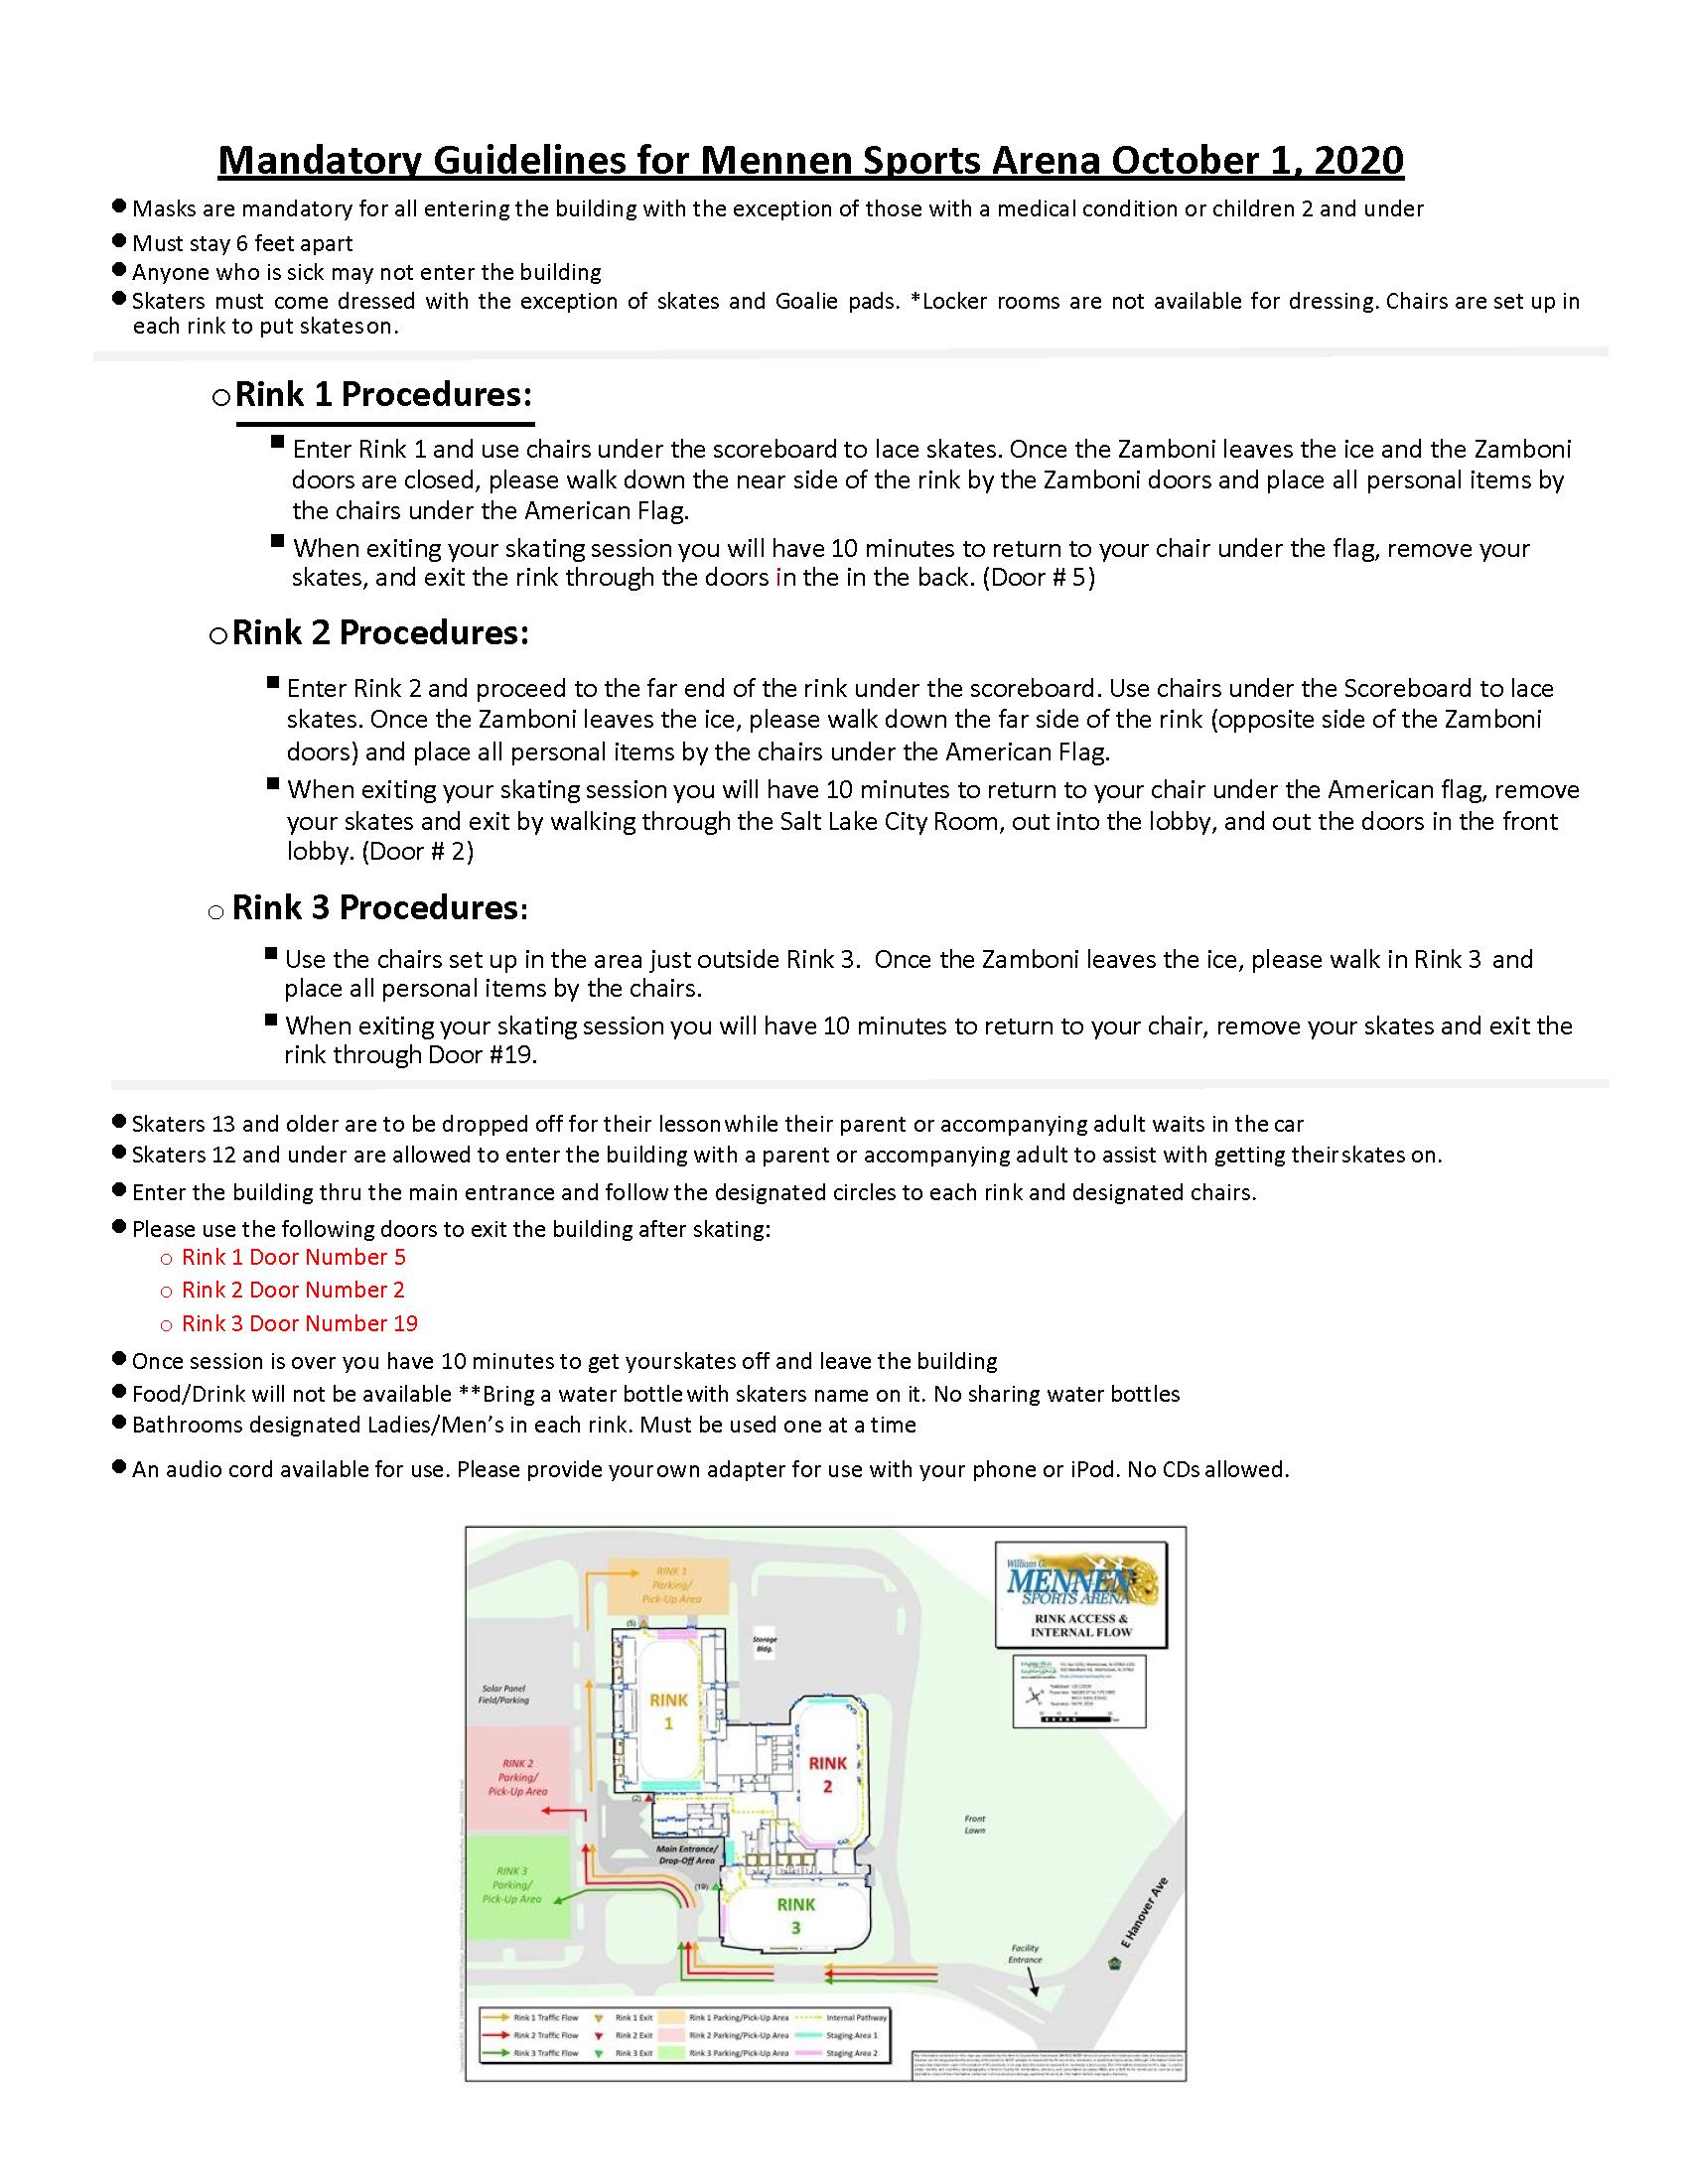 Mennen COVID Updates 10-1-20 v2